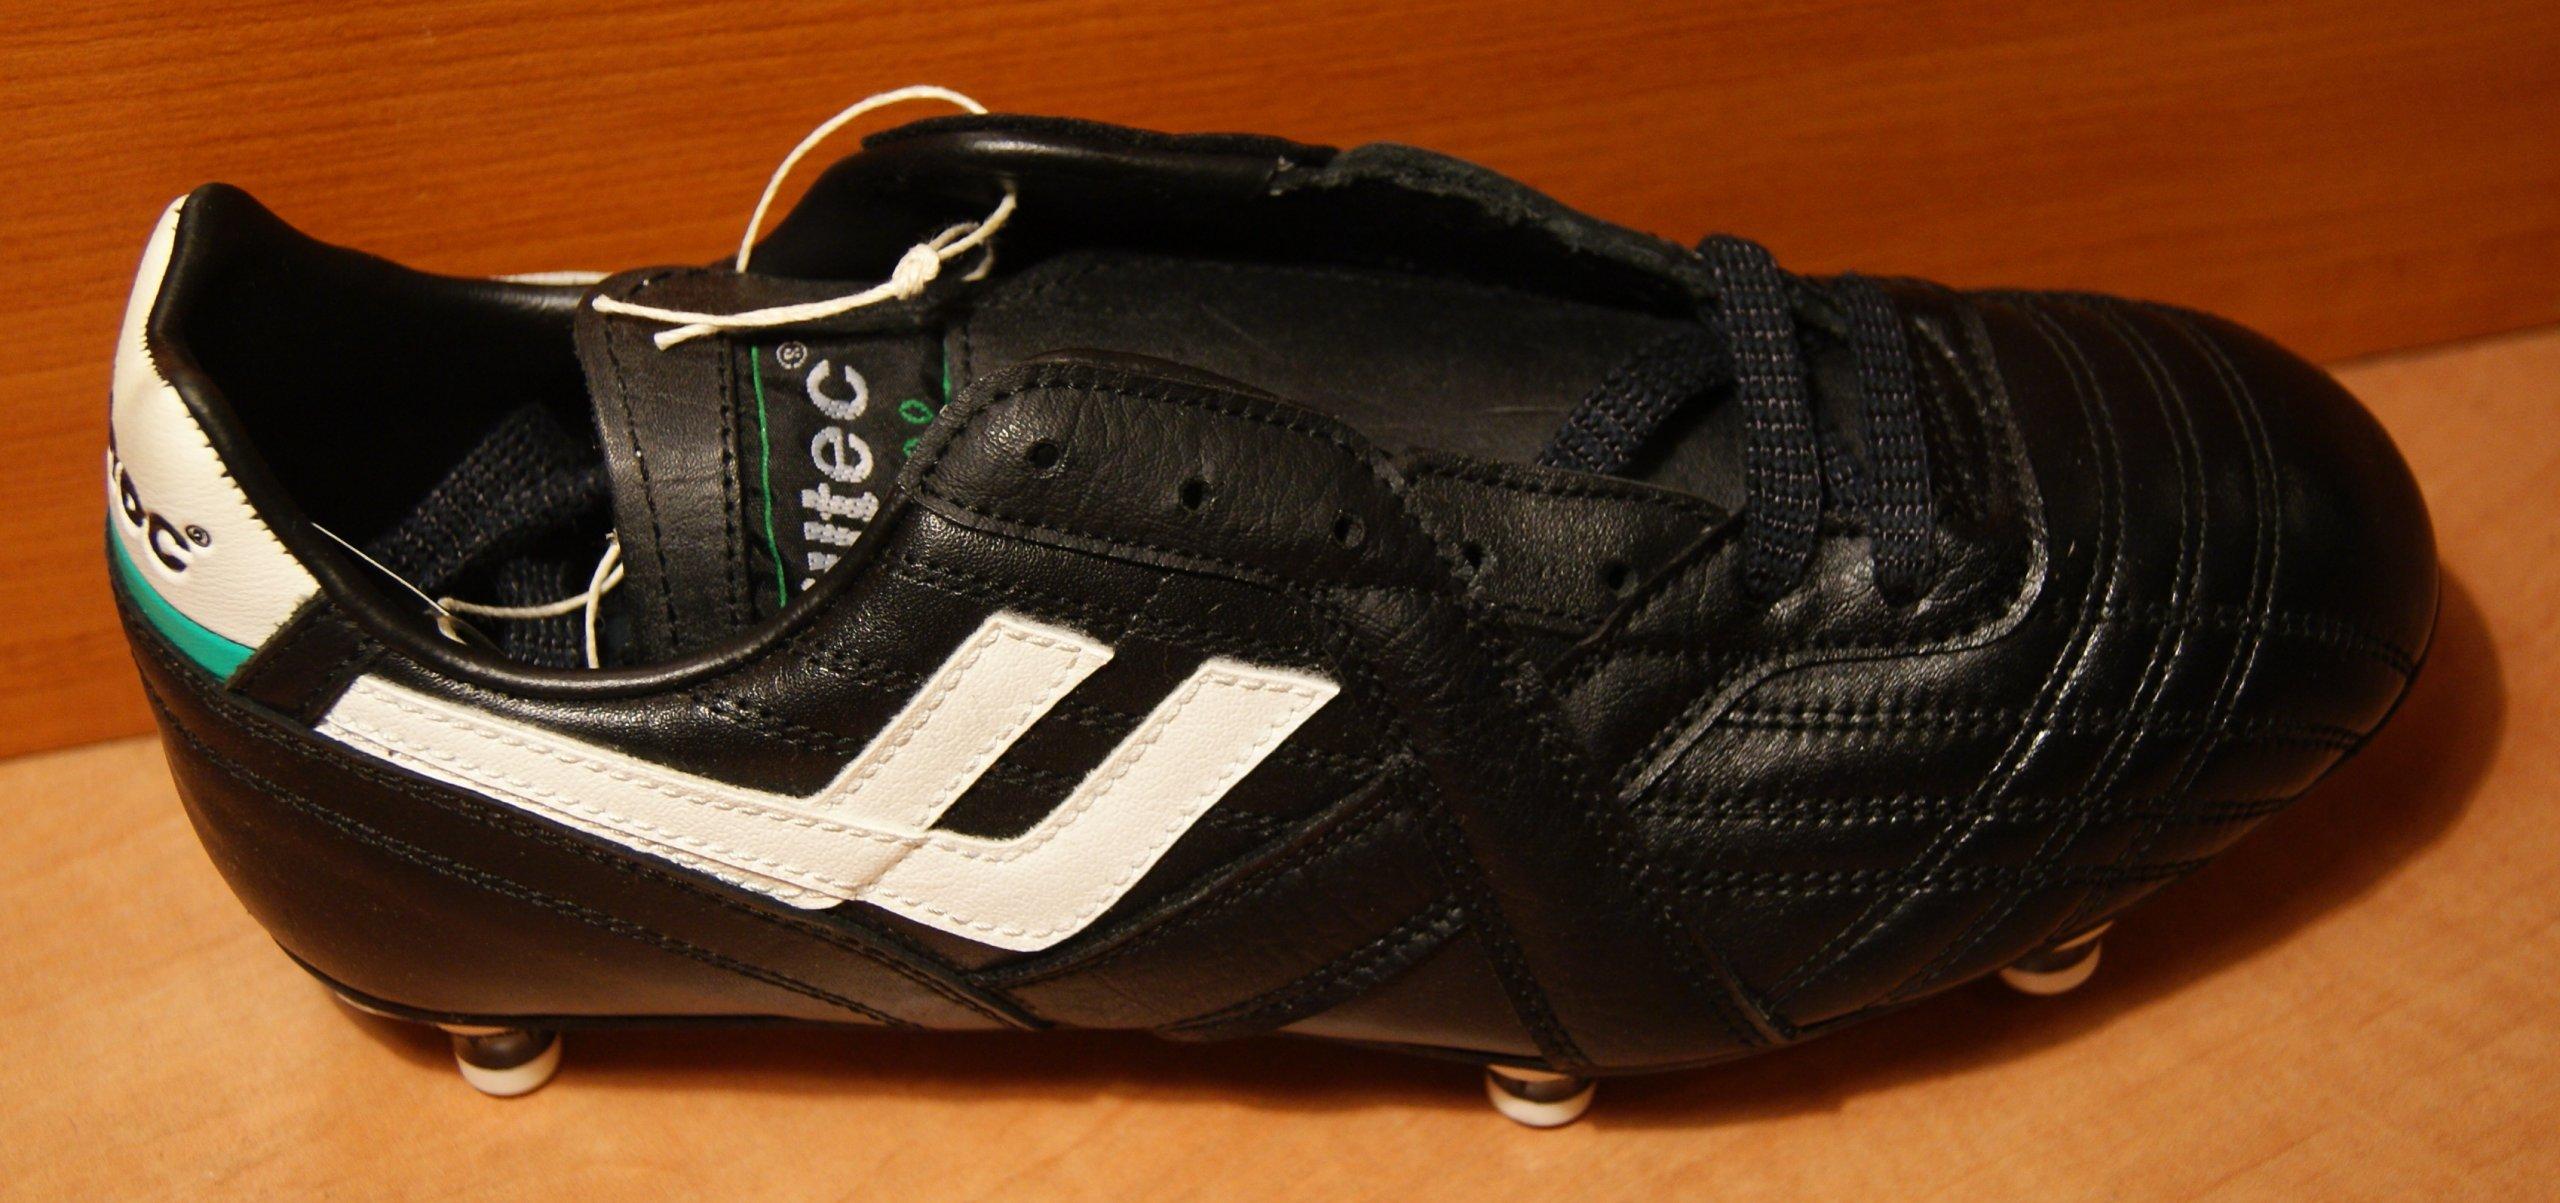 Buty piłkarskie Killtec GTI 1000 r. 4,5